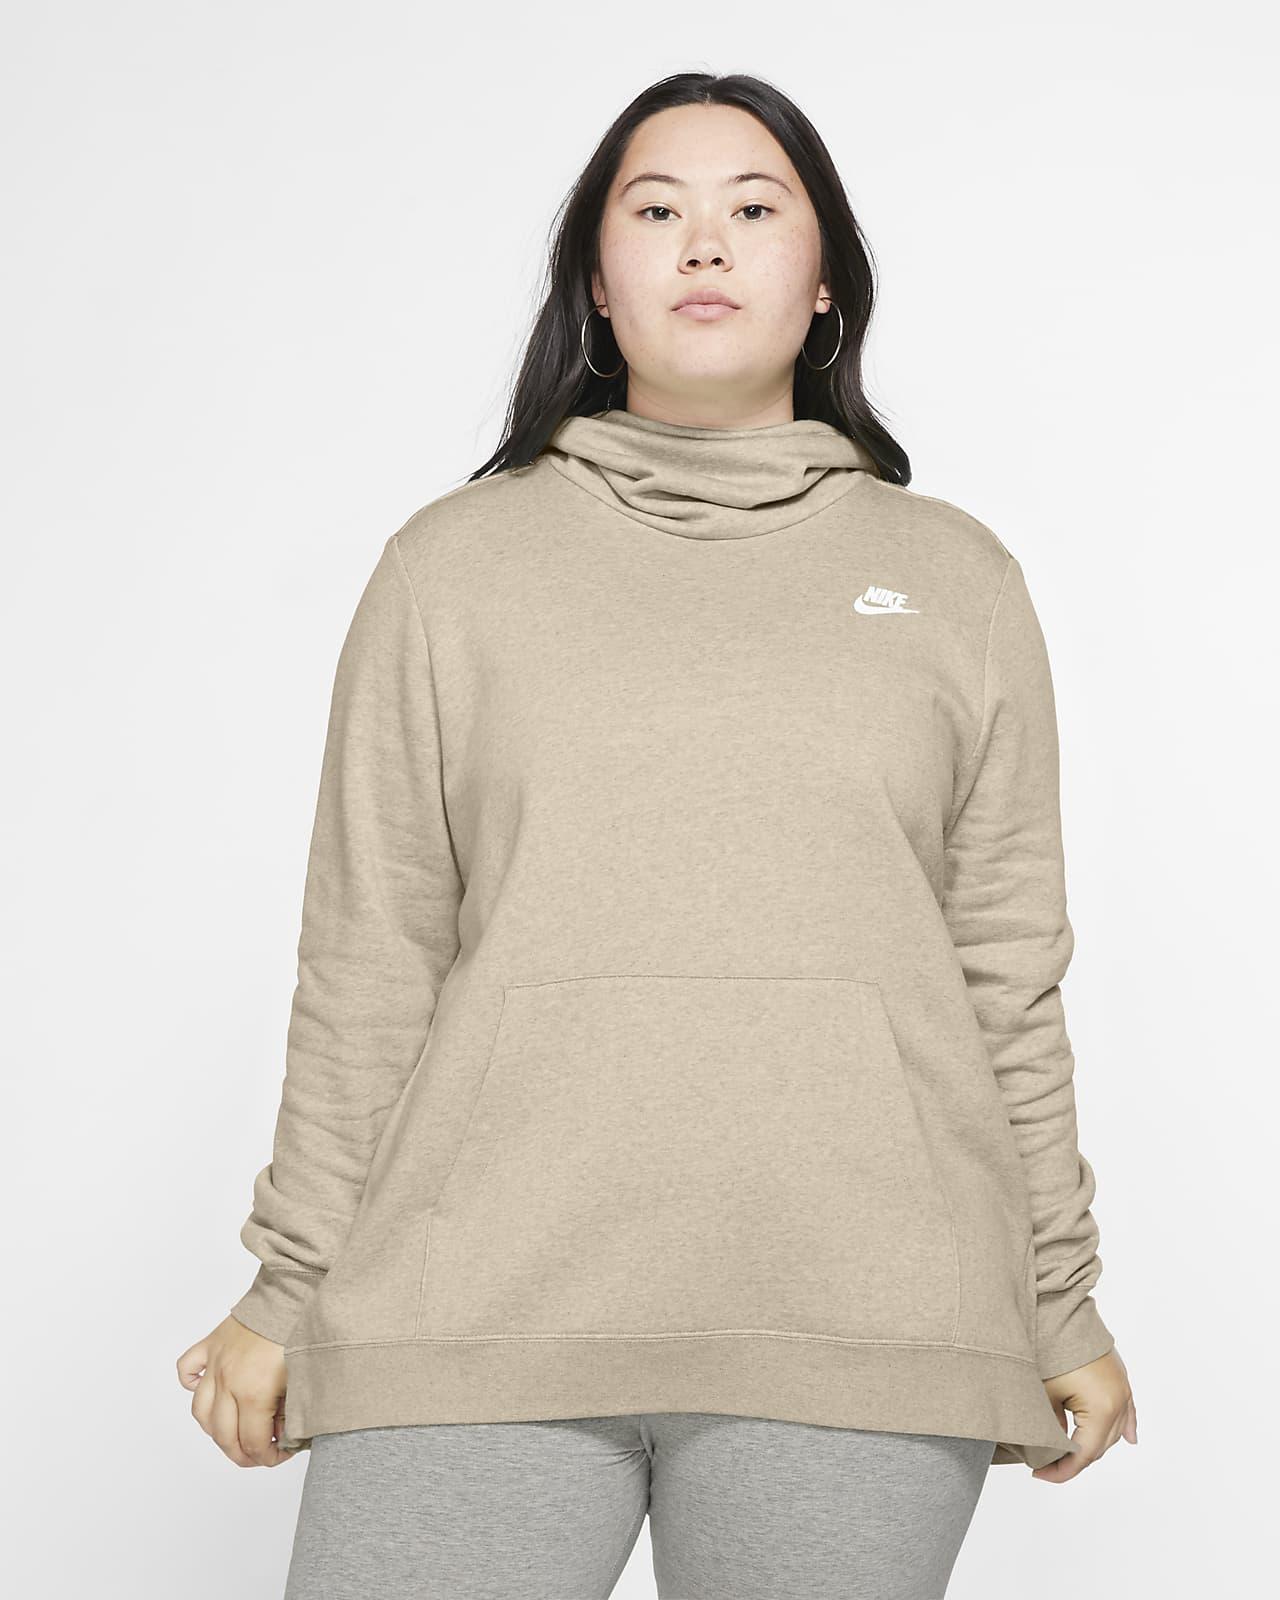 Sudadera con capucha de tejido Fleece con cuello en embudo para mujer (talla grande) Nike Sportswear